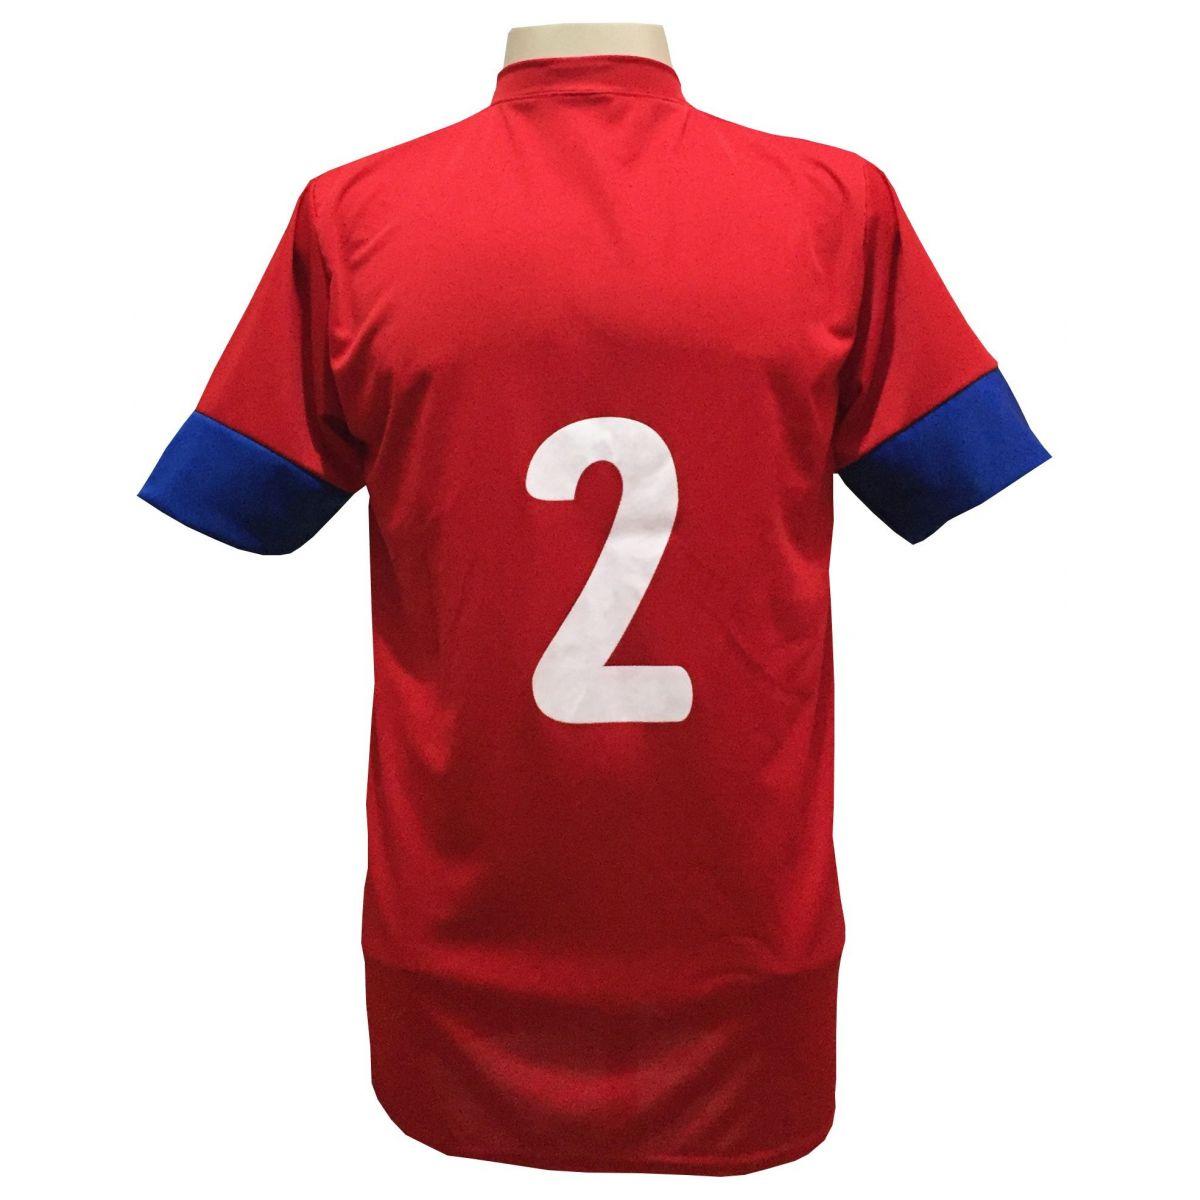 Uniforme Esportivo com 18 camisas modelo Columbus Vermelho/Royal + 18 calções modelo Madrid Vermelho + Brindes